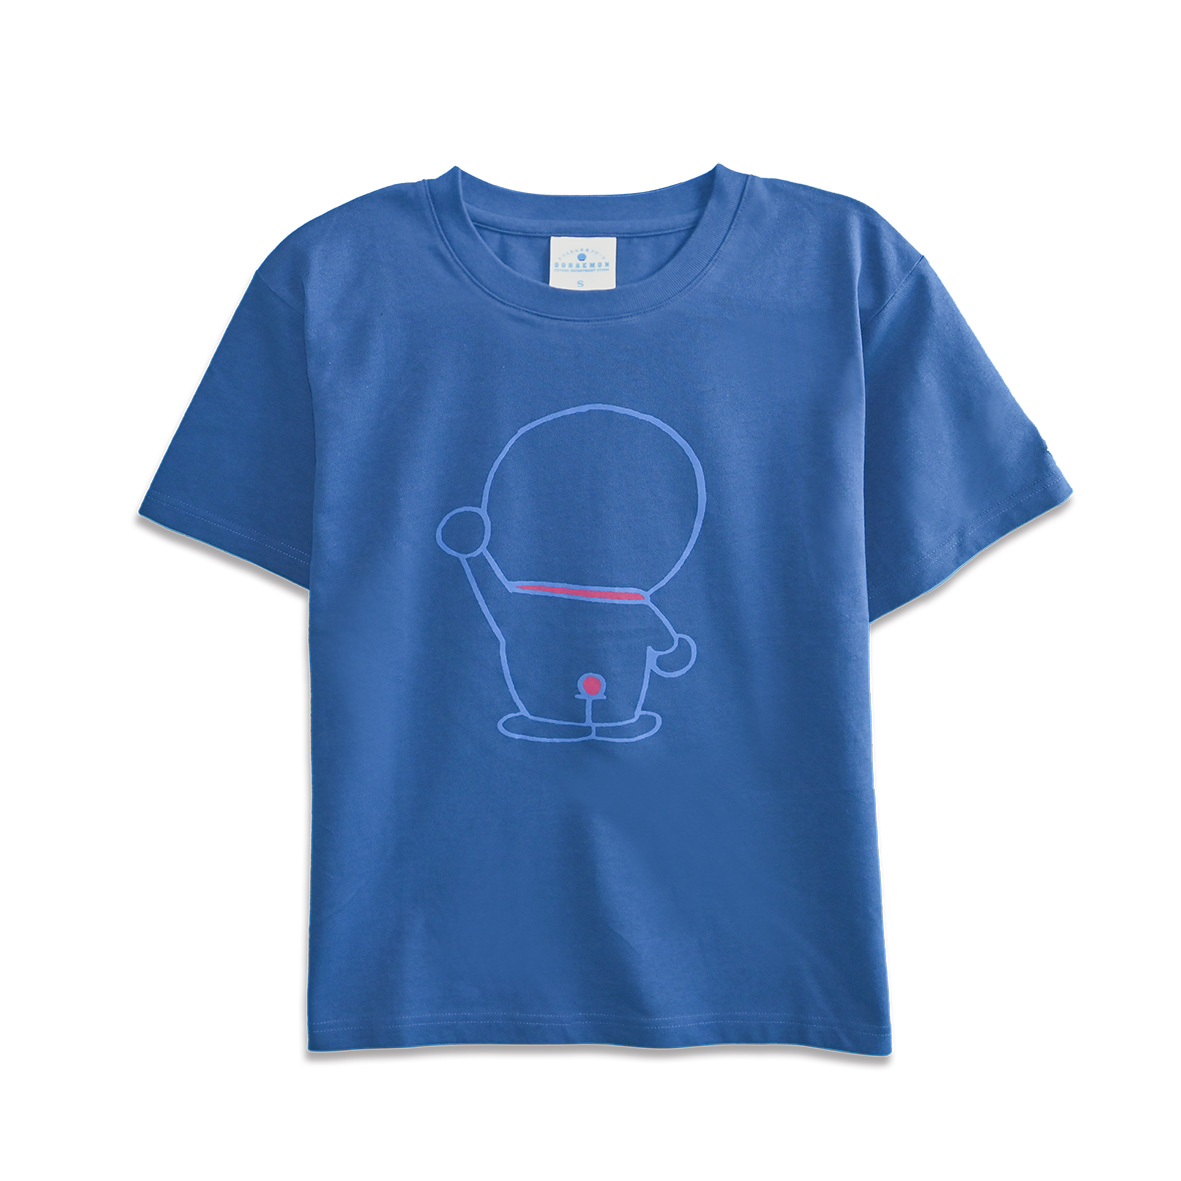 Tシャツ ドラえもん後ろすがた ブルー S